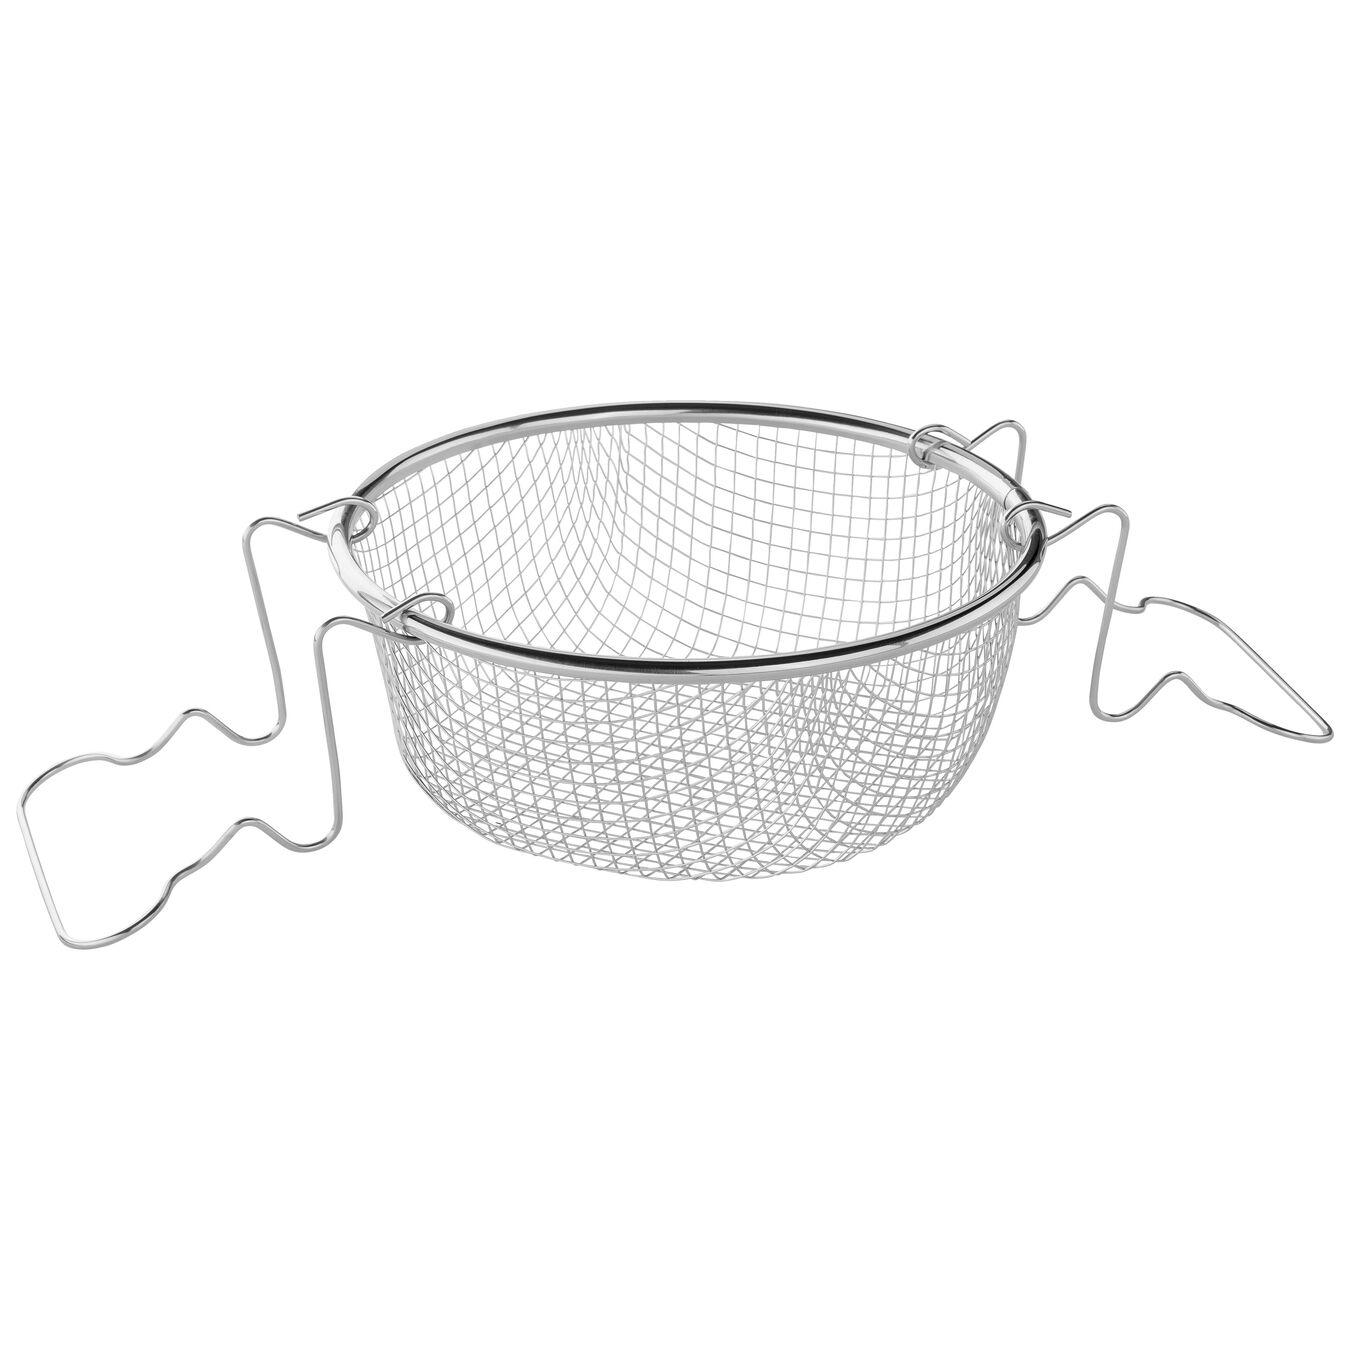 Cestello per friggere - 22 cm, acciaio,,large 2